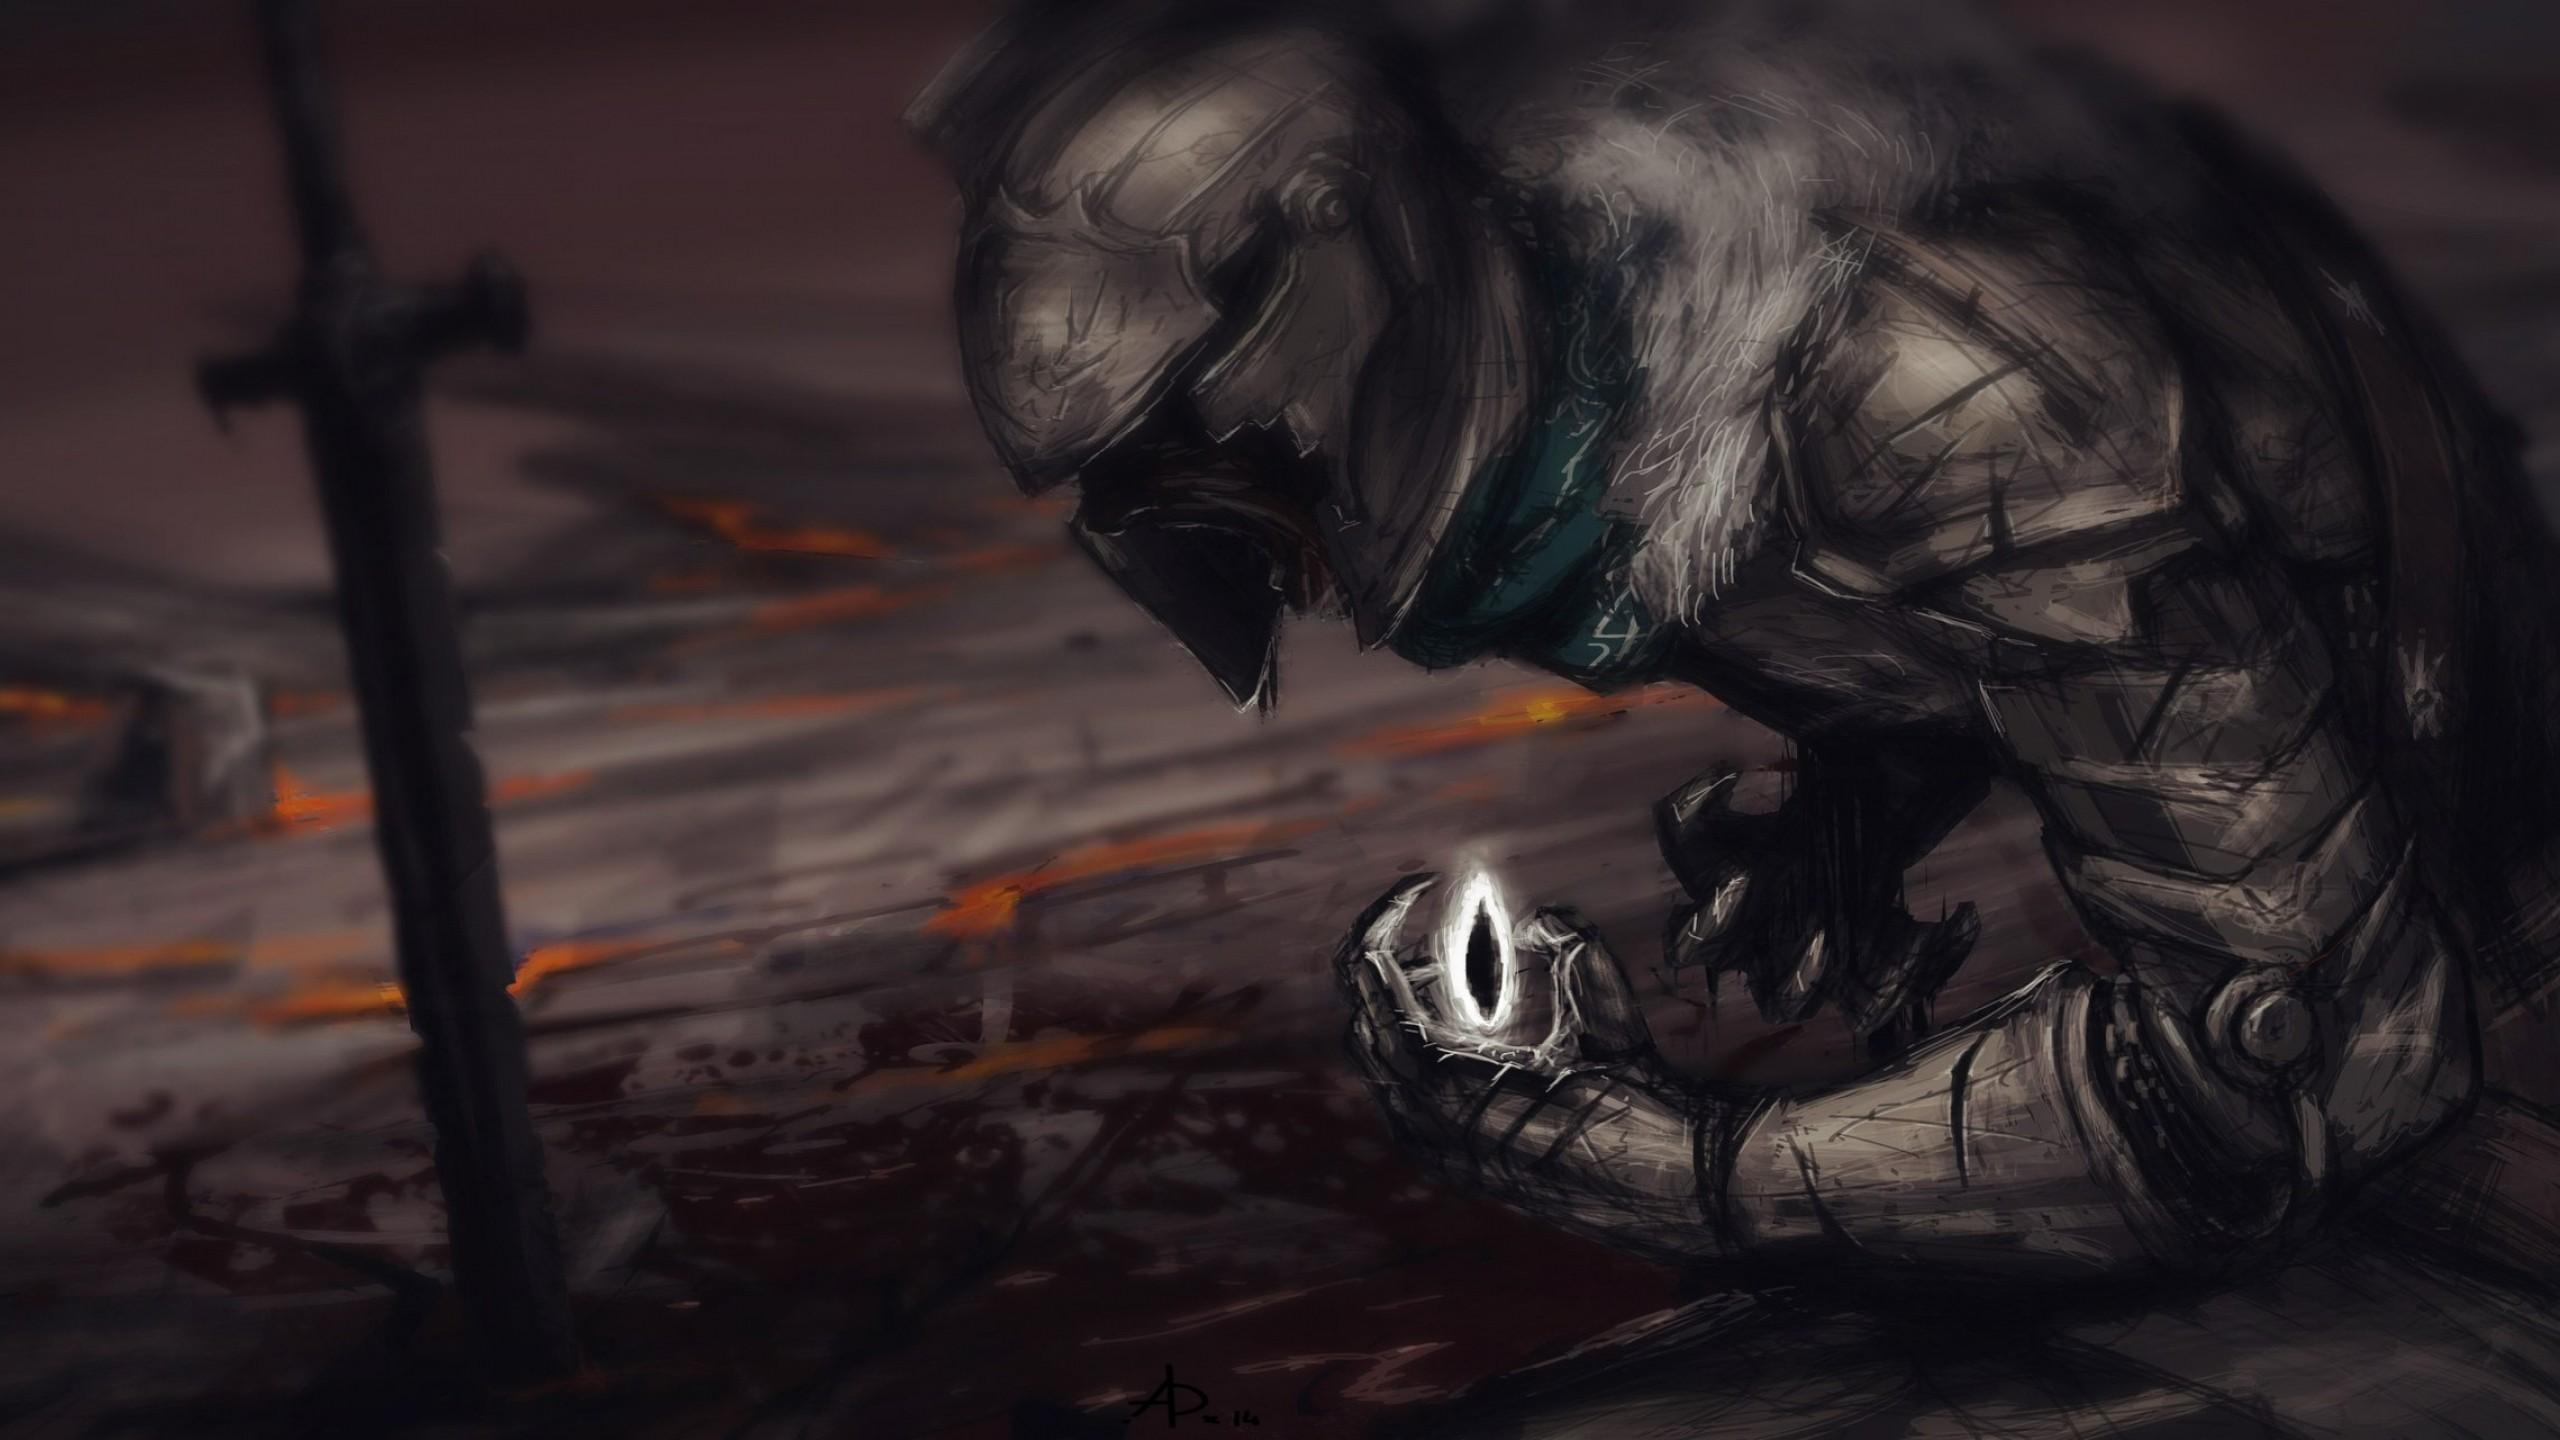 Wallpaper Dark Souls Ii Art Armor Warrior 2560x1440